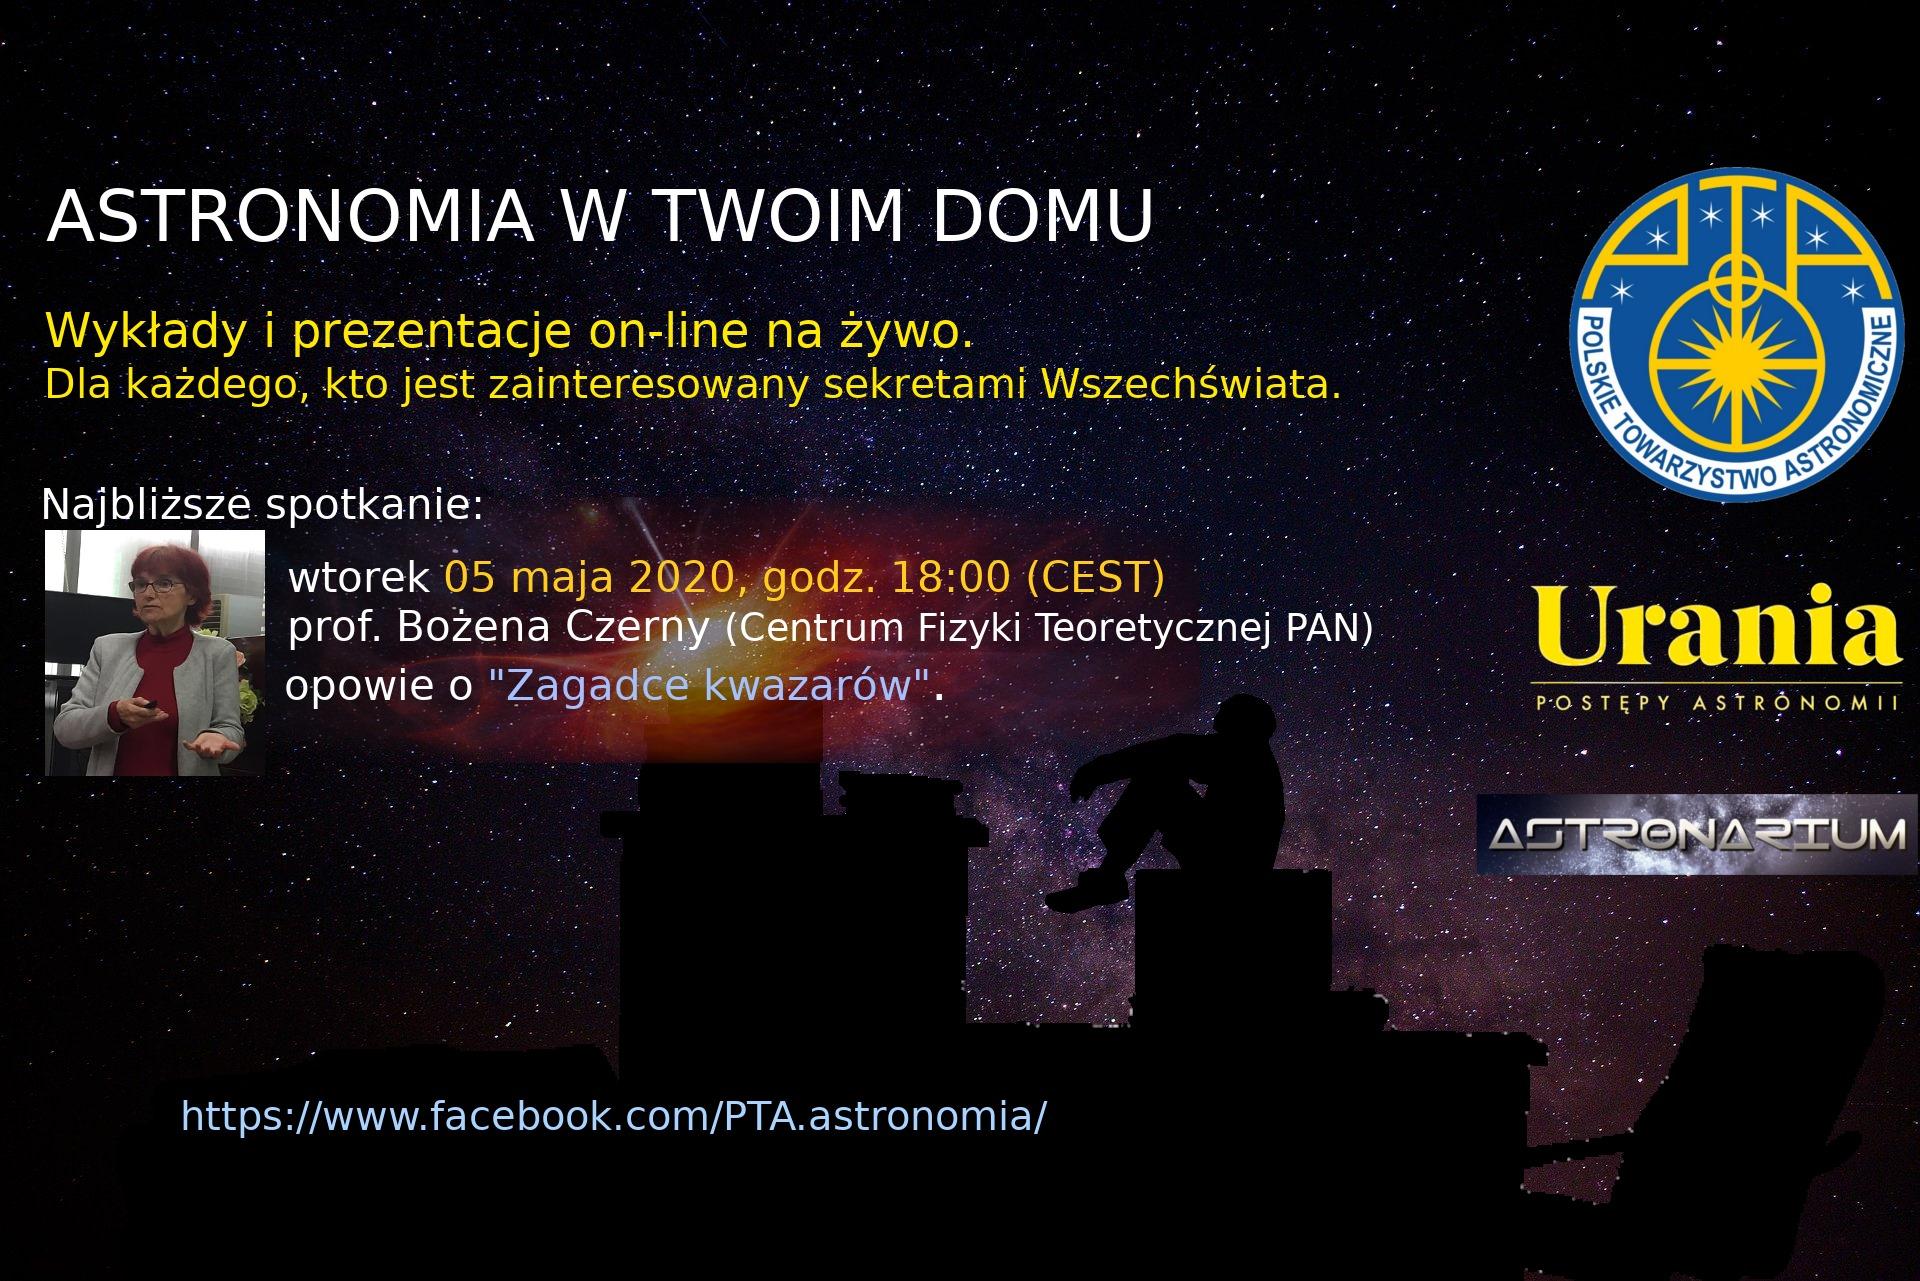 Astronomia w Twoim domu IX @ Online